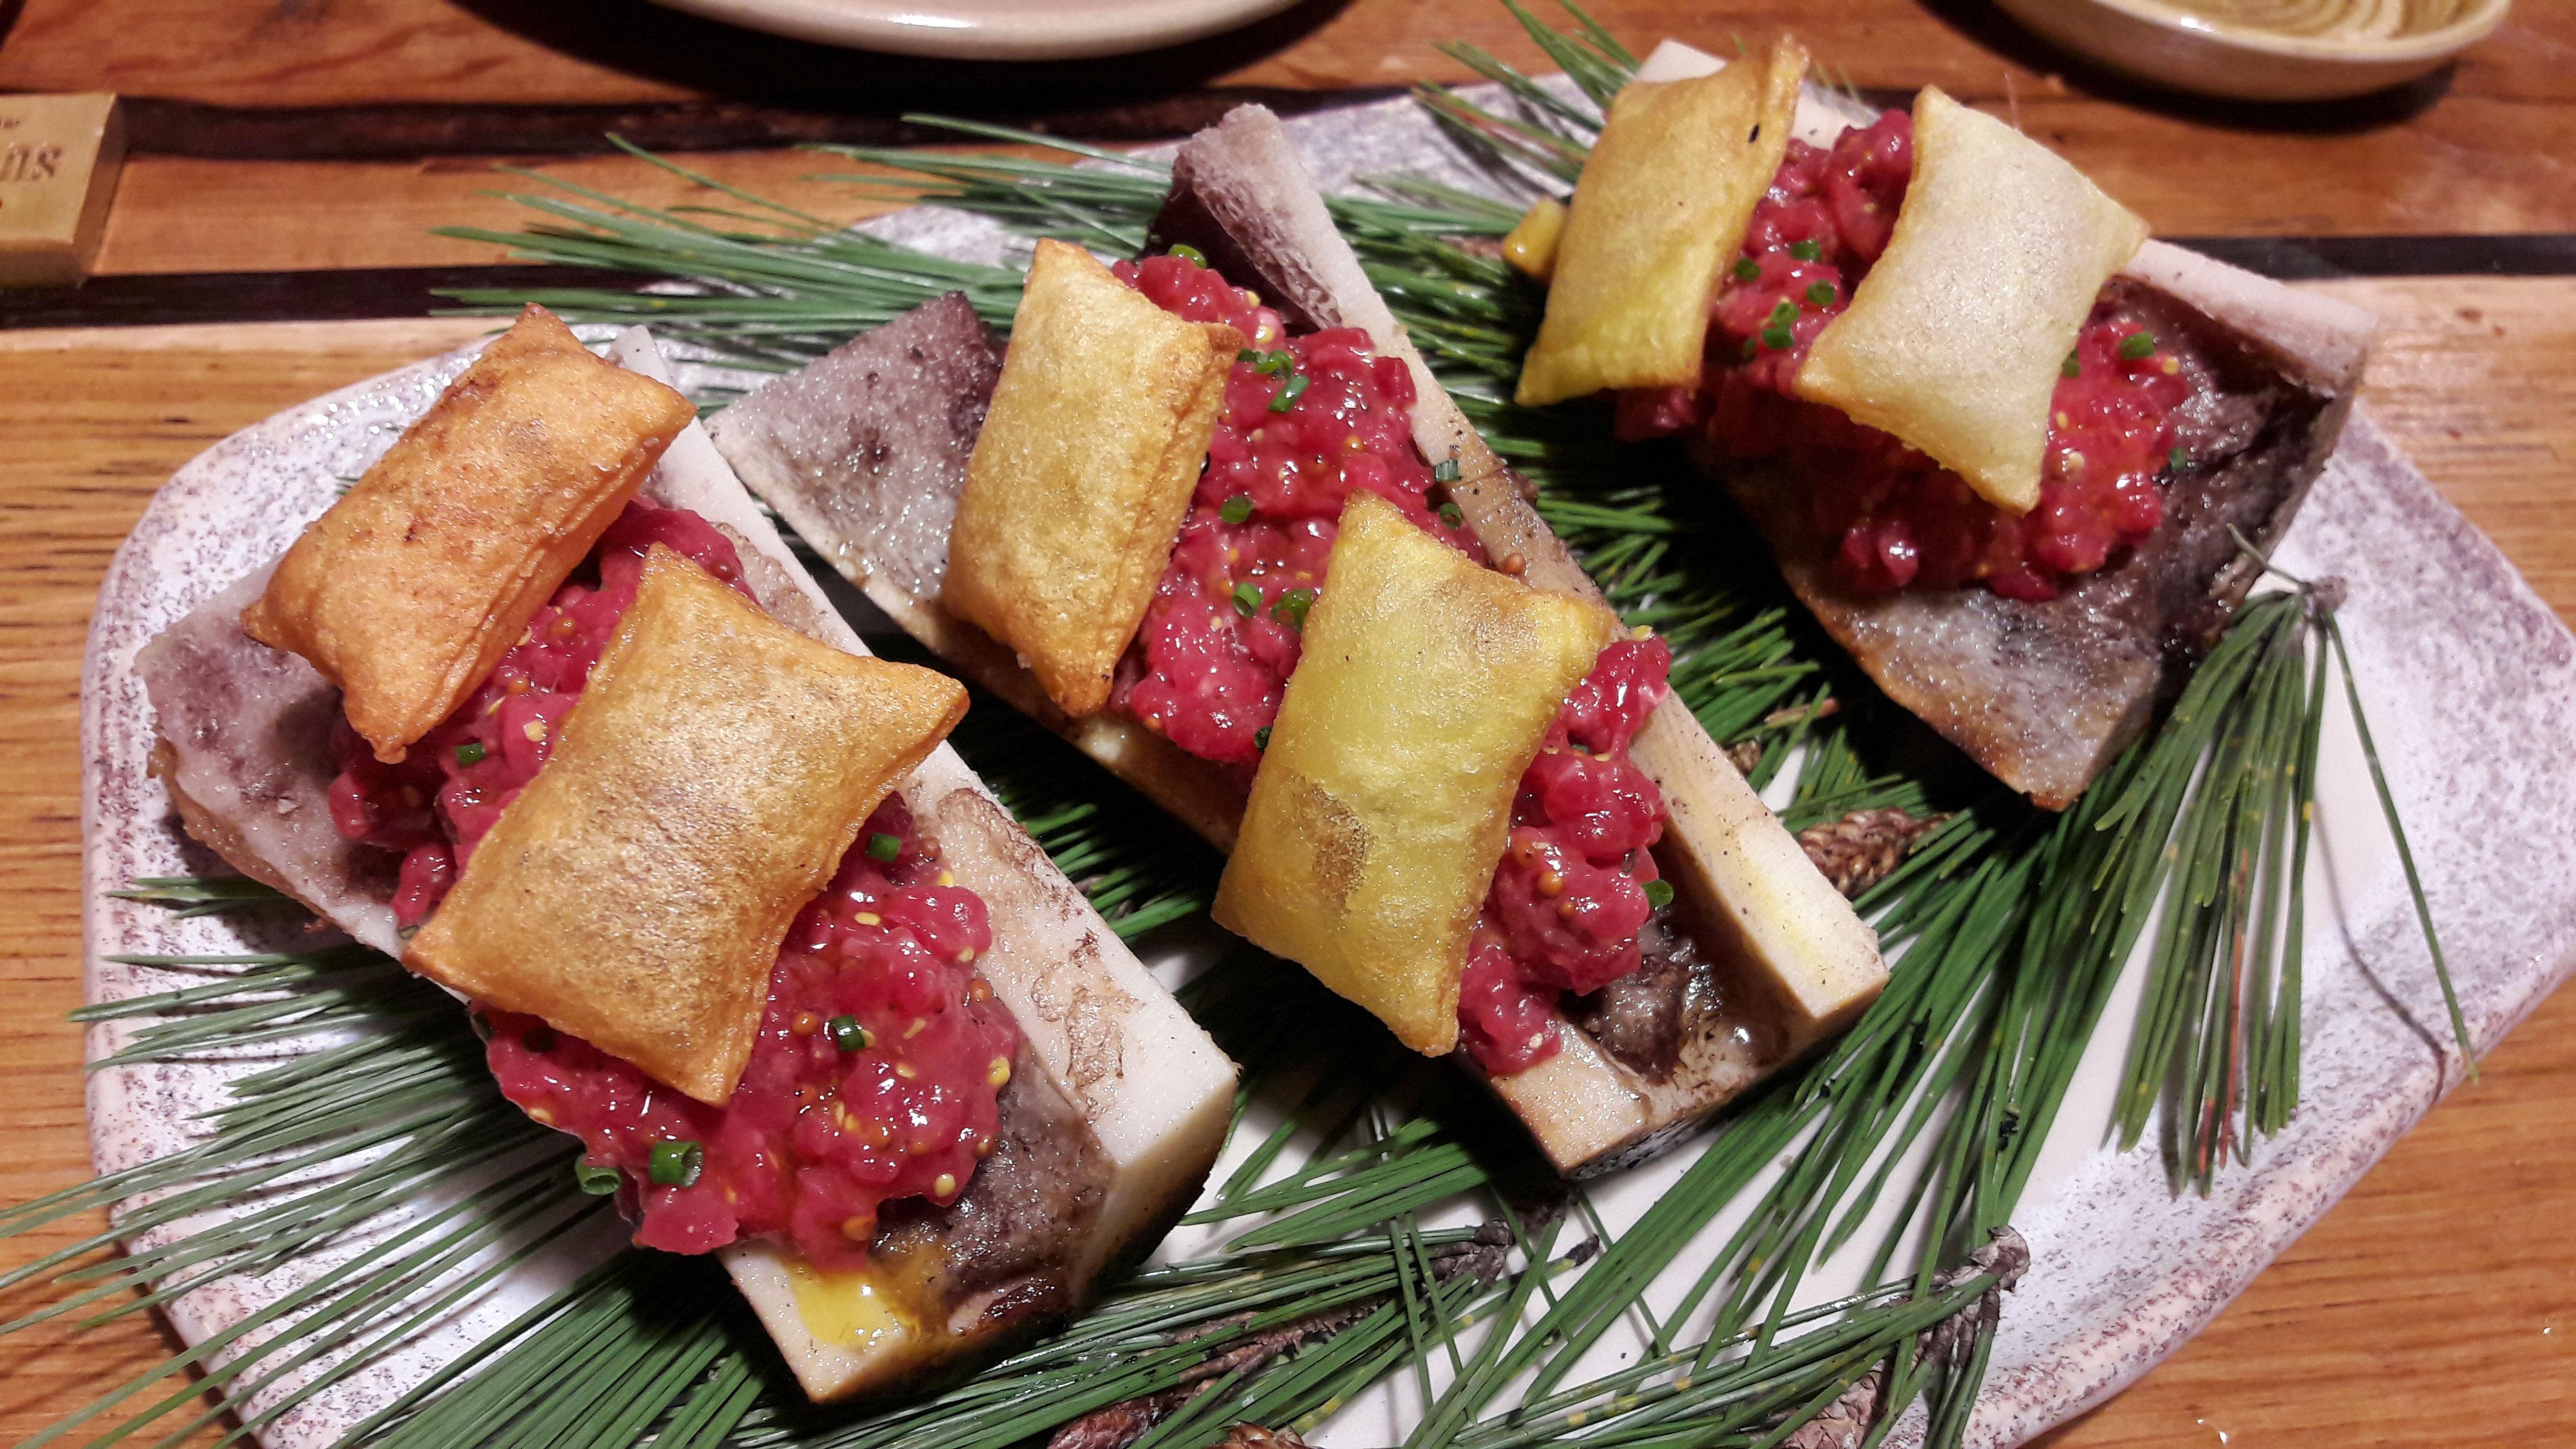 Restaurante Suculent Steak tartar templado sobre tuétano a la brasa y patatas soufflés y tobiko